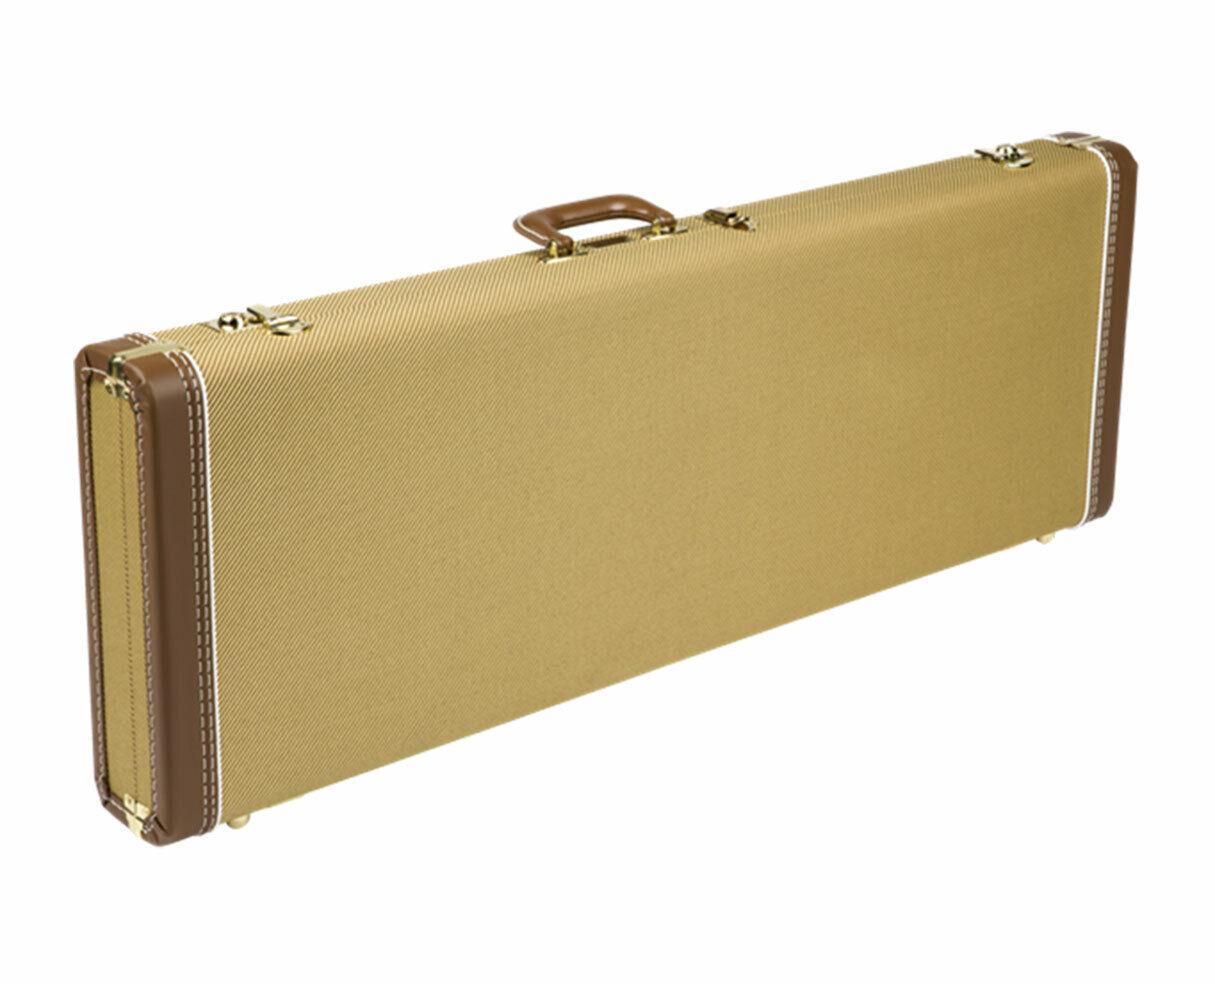 Fender G&G Deluxe Hardshell Cases - Stratocaster Telecaster Tweed